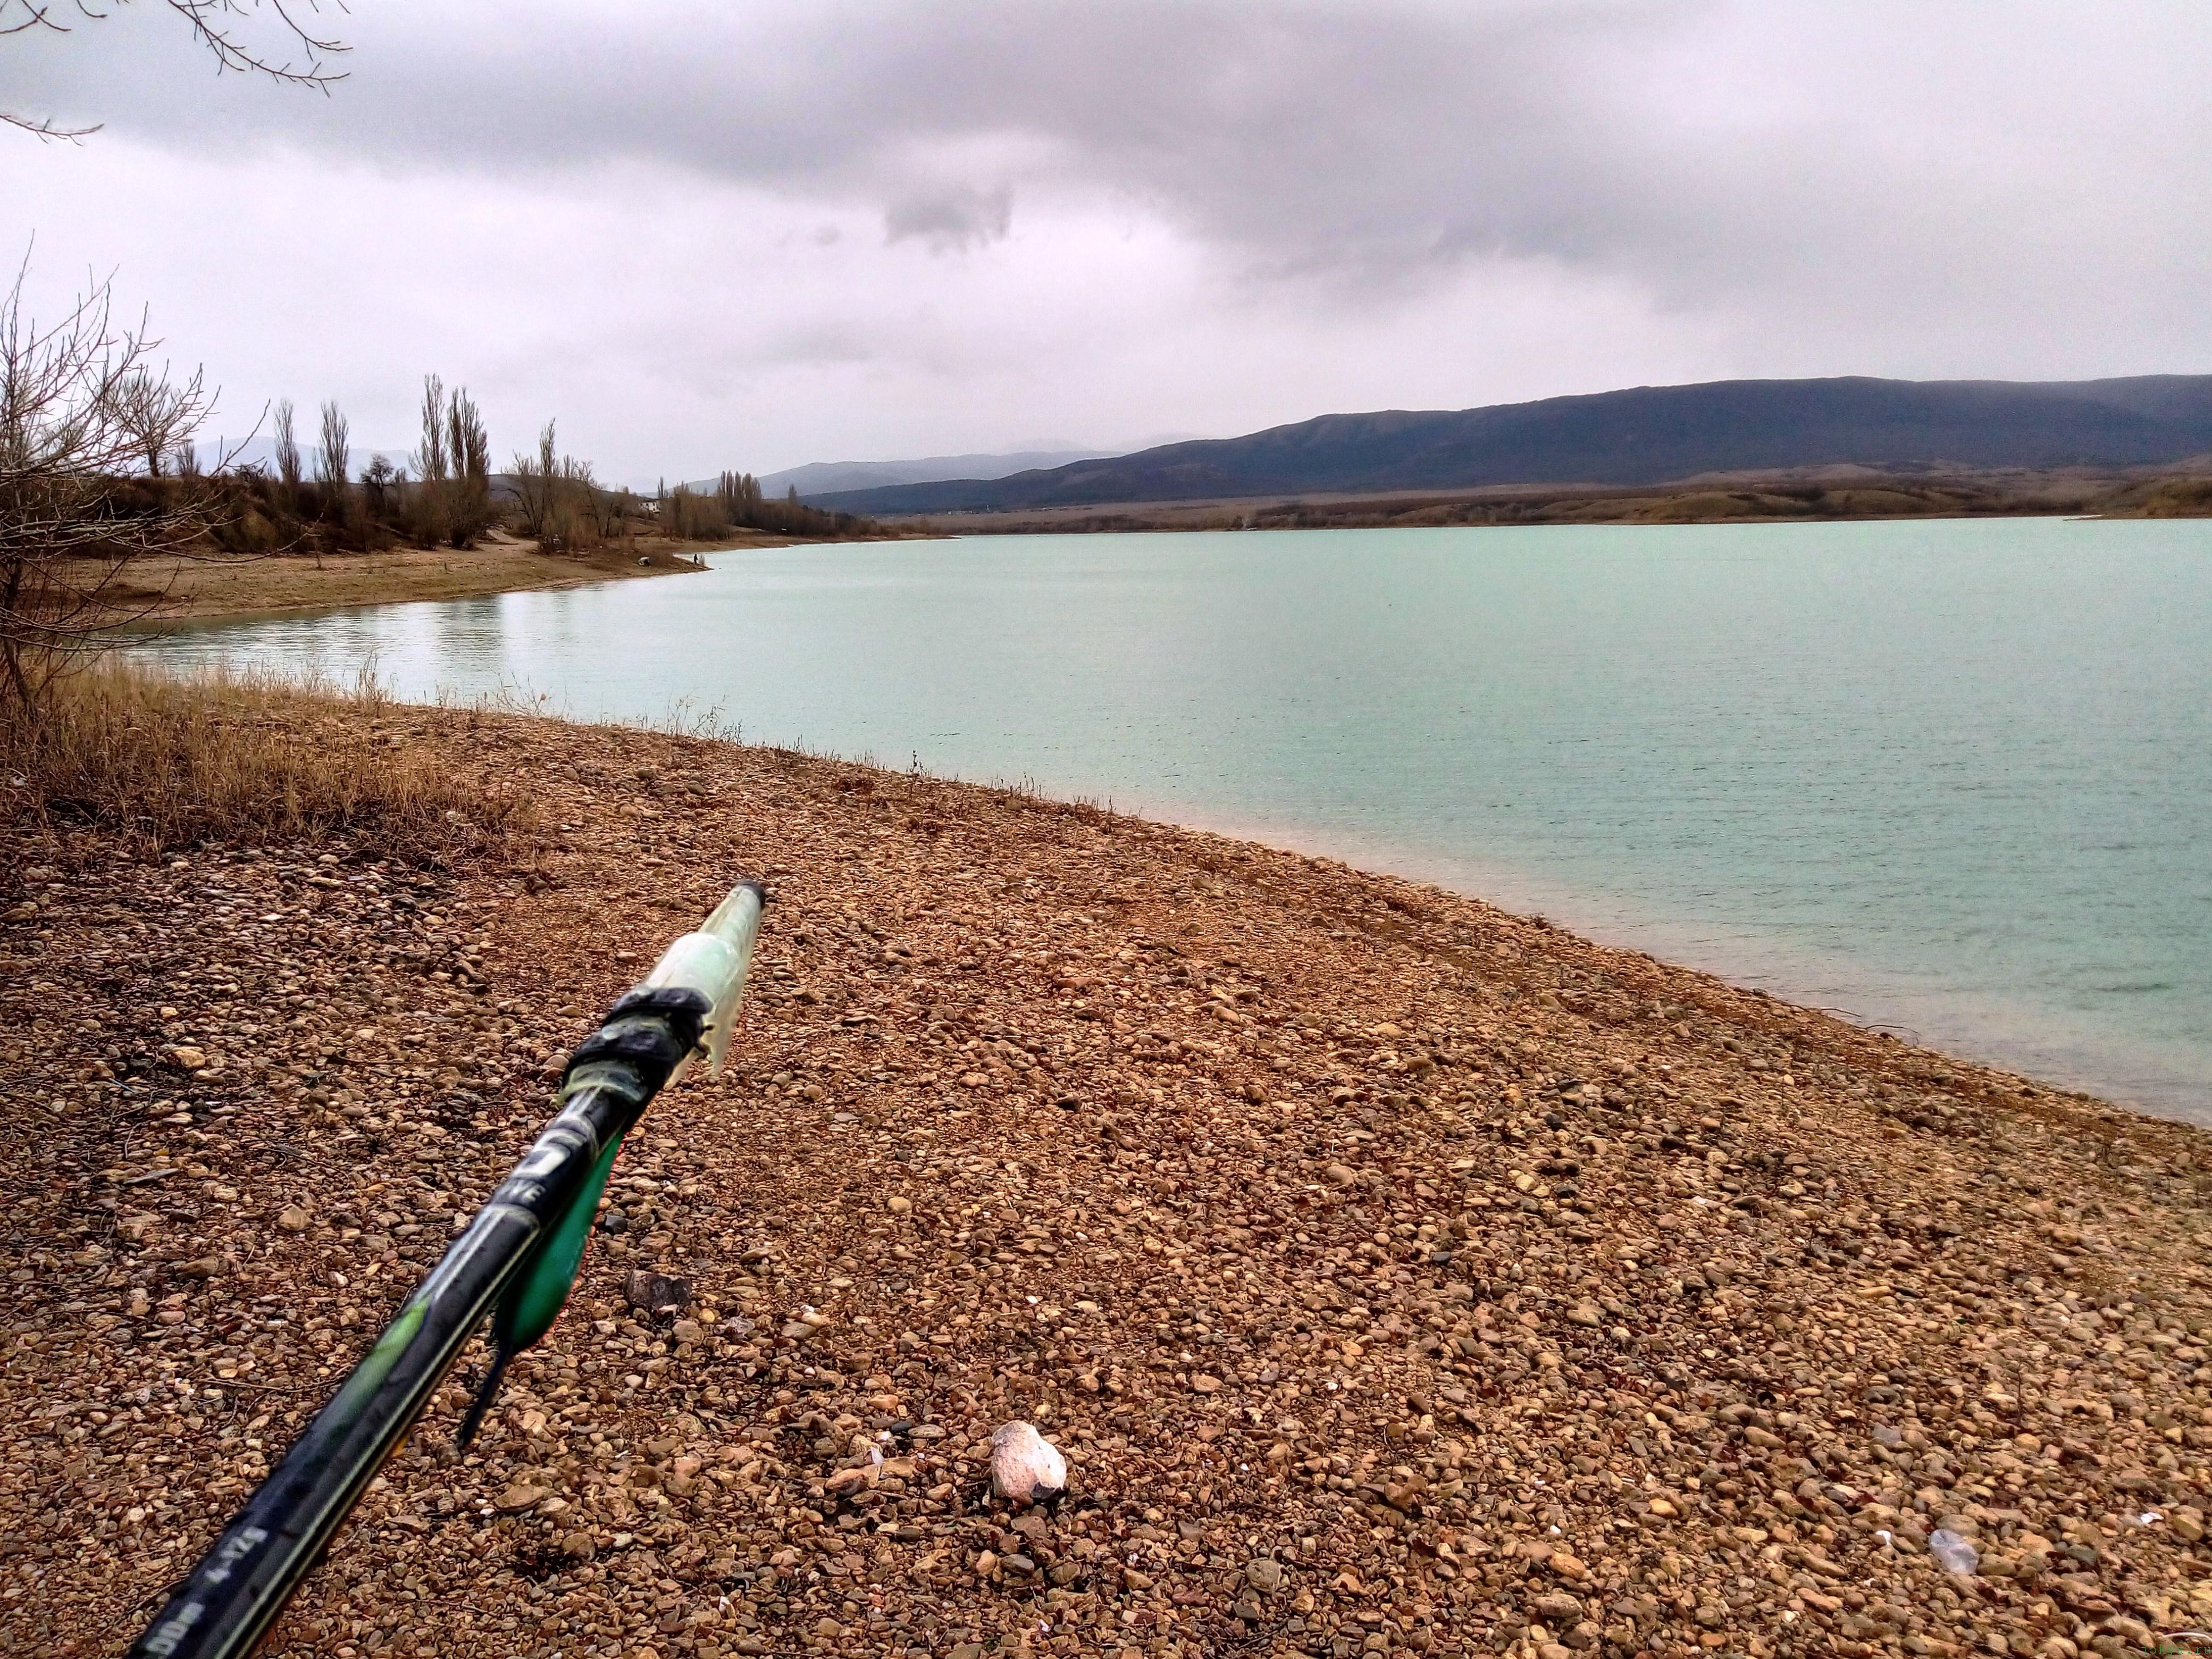 Пешком в дождь на рыбалку фото заметка из моей реальности в Крыму jokya.ru